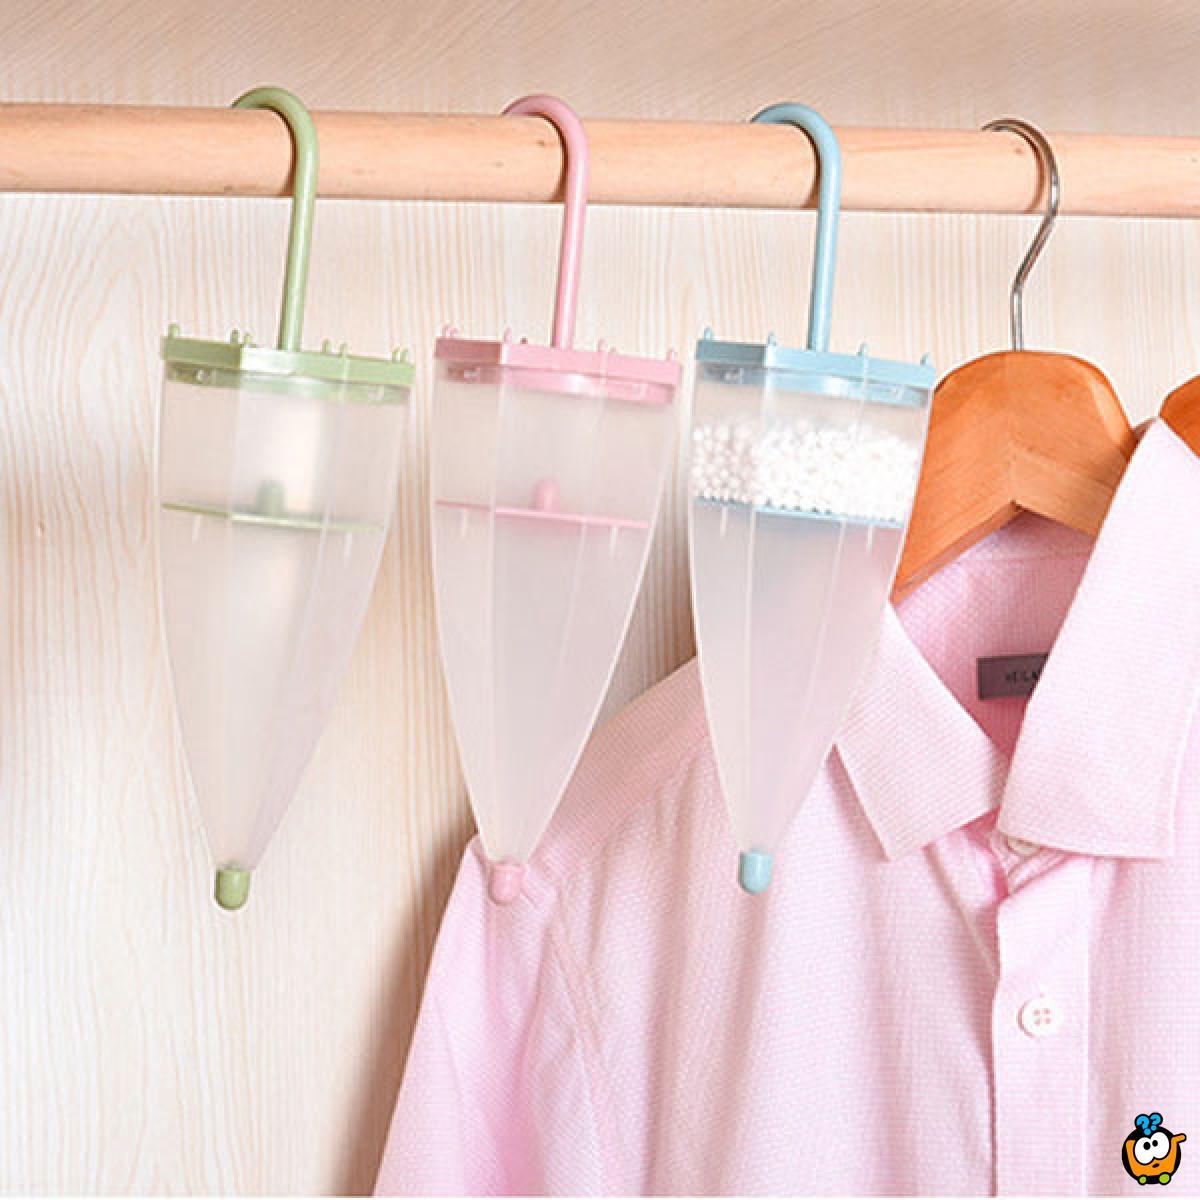 Kišobran osveživač protiv vlage i neprijatnih mirisa